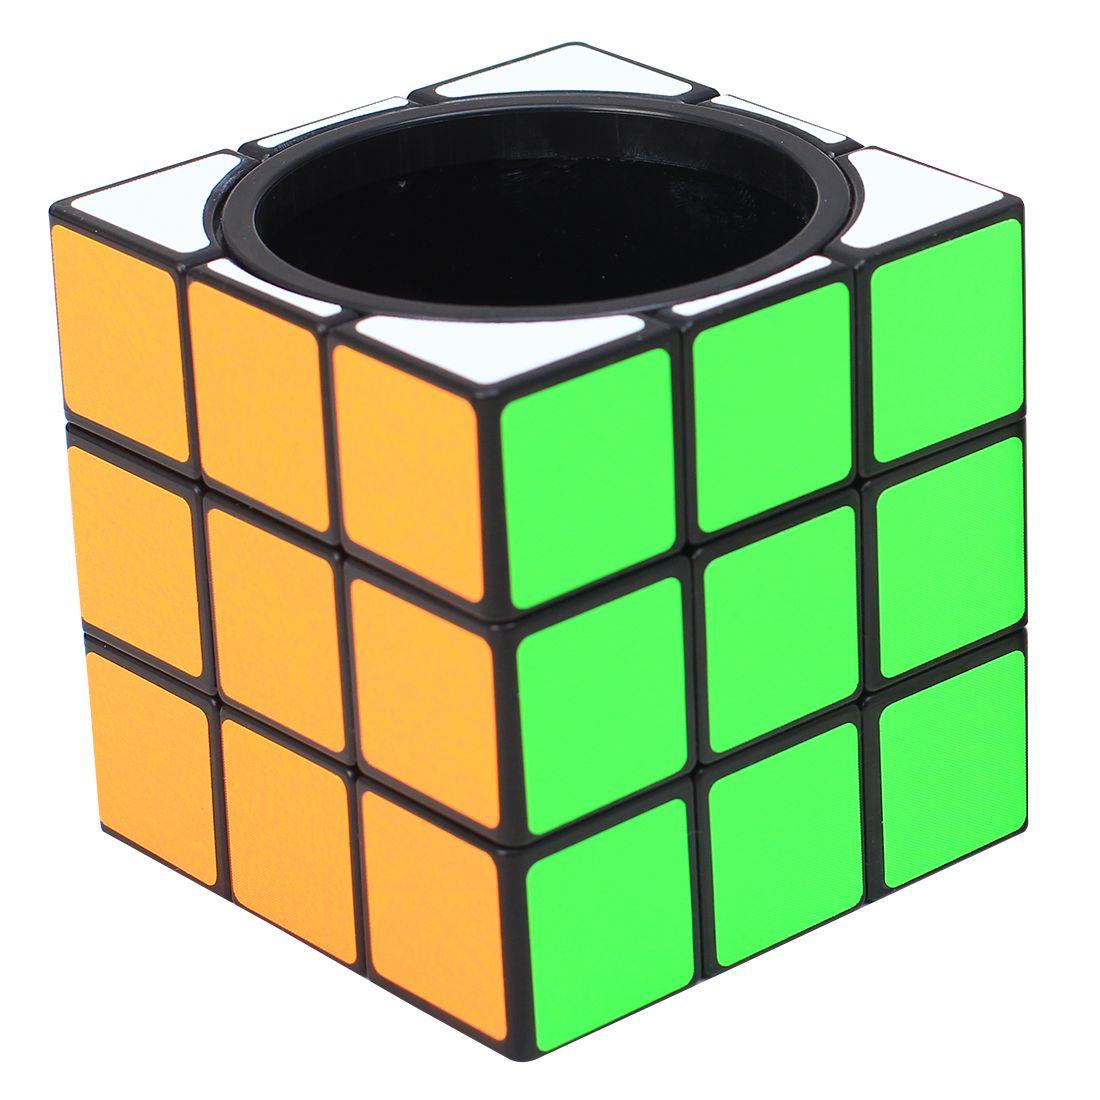 ZCUBE 3x3 Sostenedor de La Pluma Cubo Mágico Puzzle Toy-Colorido Regalo de La Novedad